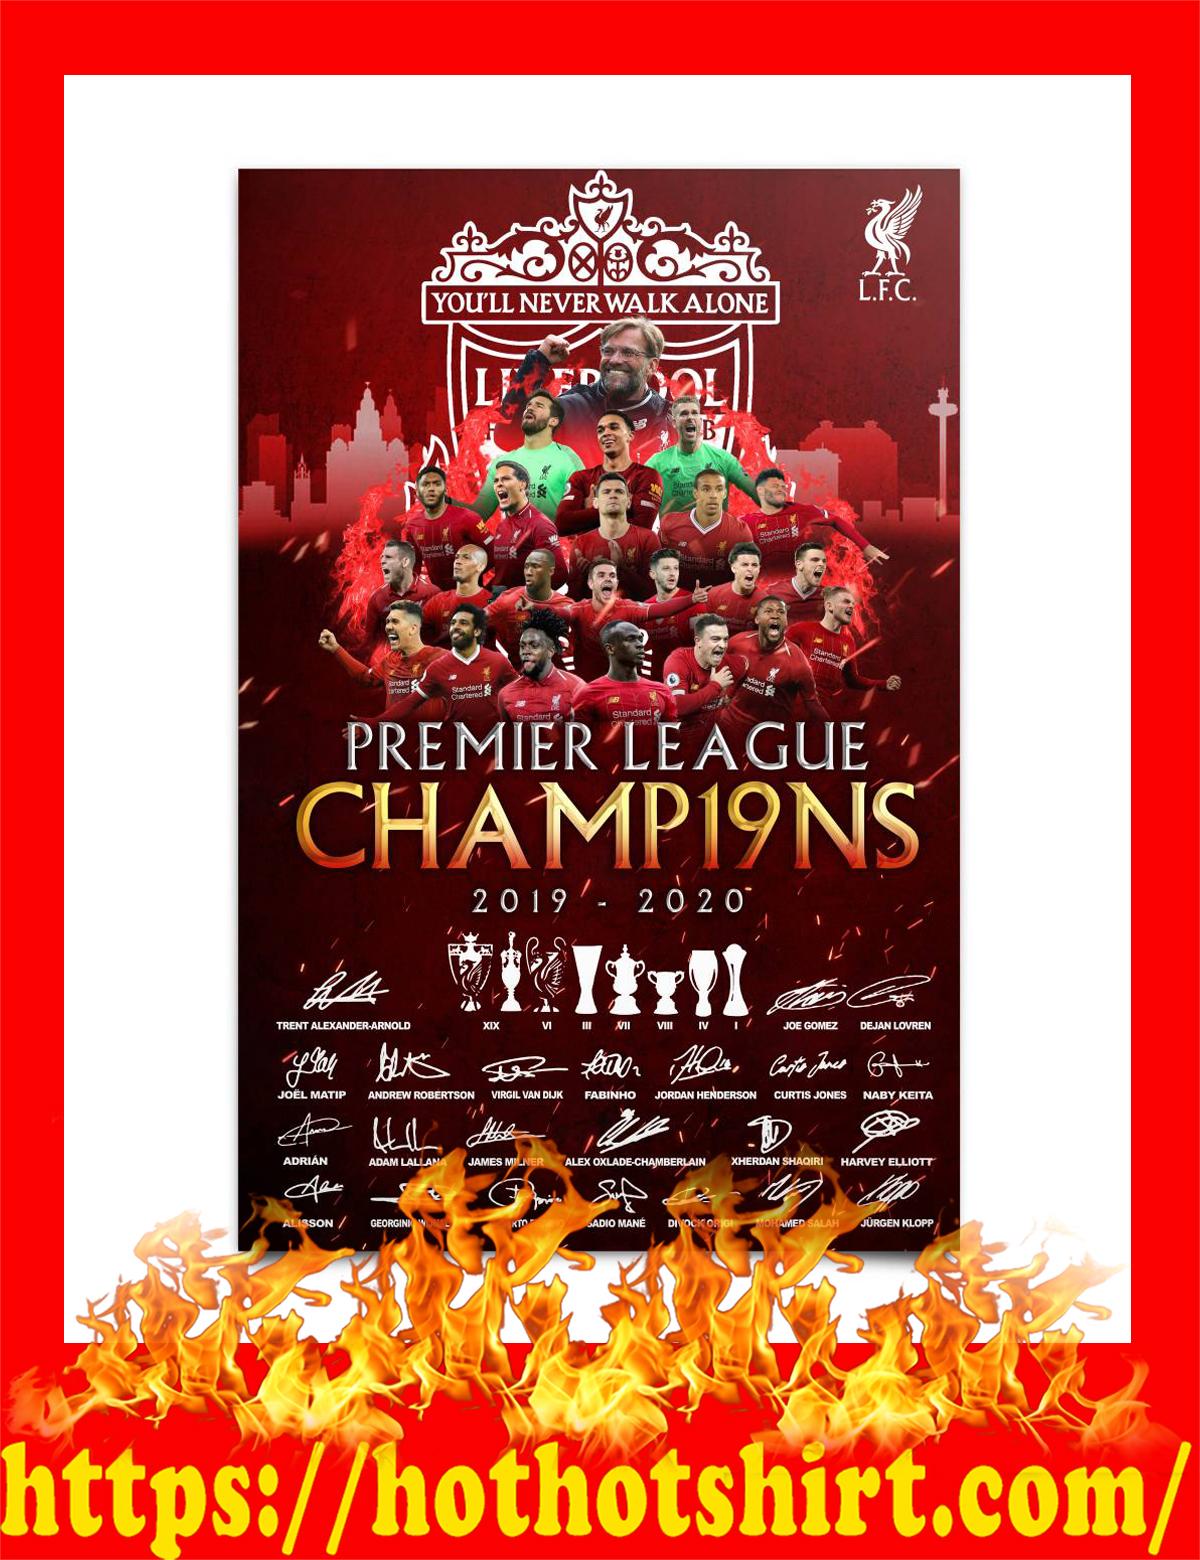 Liverpool premier league champions 2019 2020 signature poster - A2